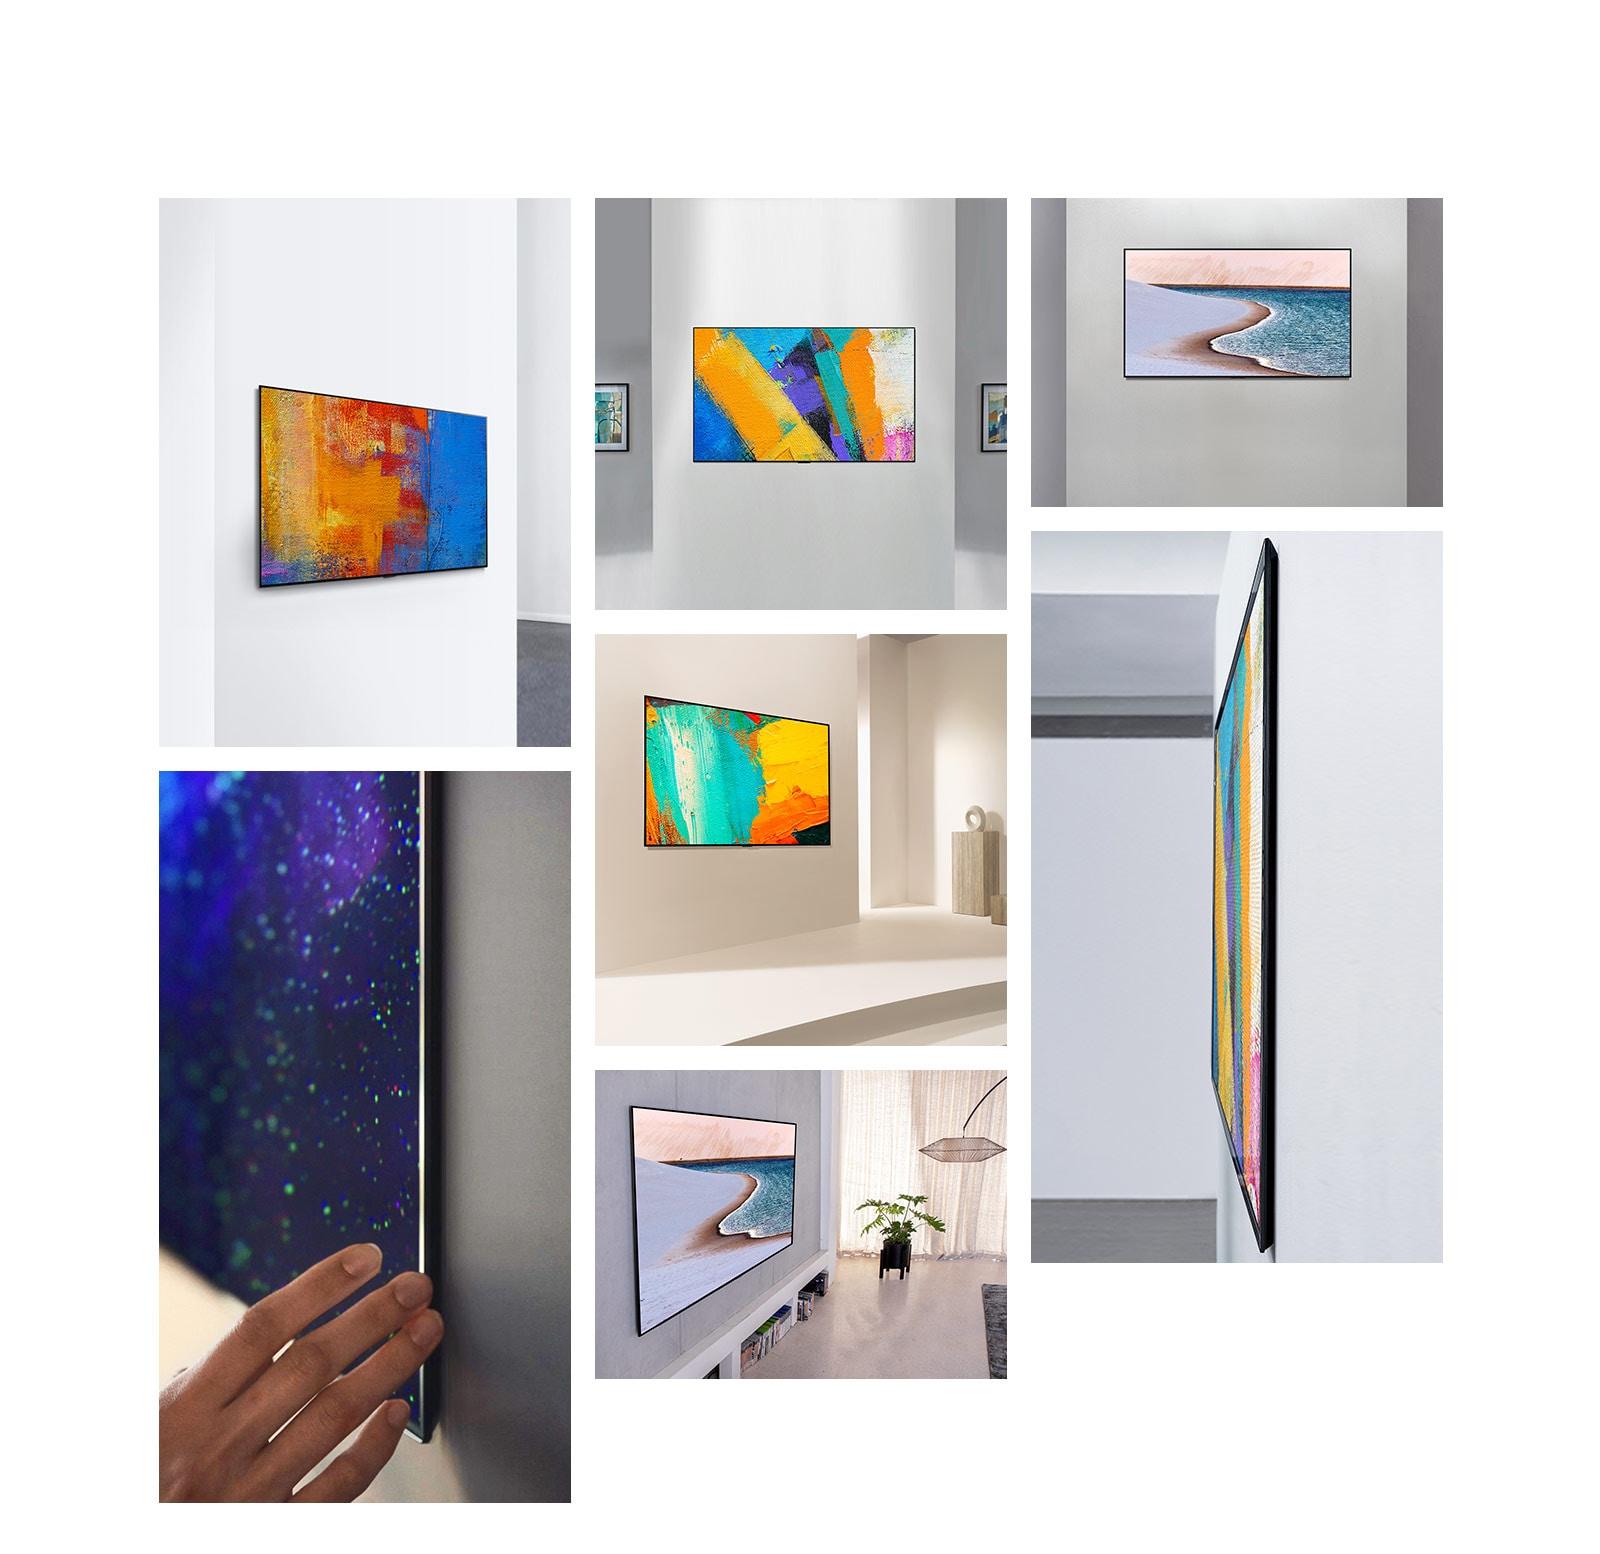 D24_TV-OLED-GX-26-Gallery-View-Desktop